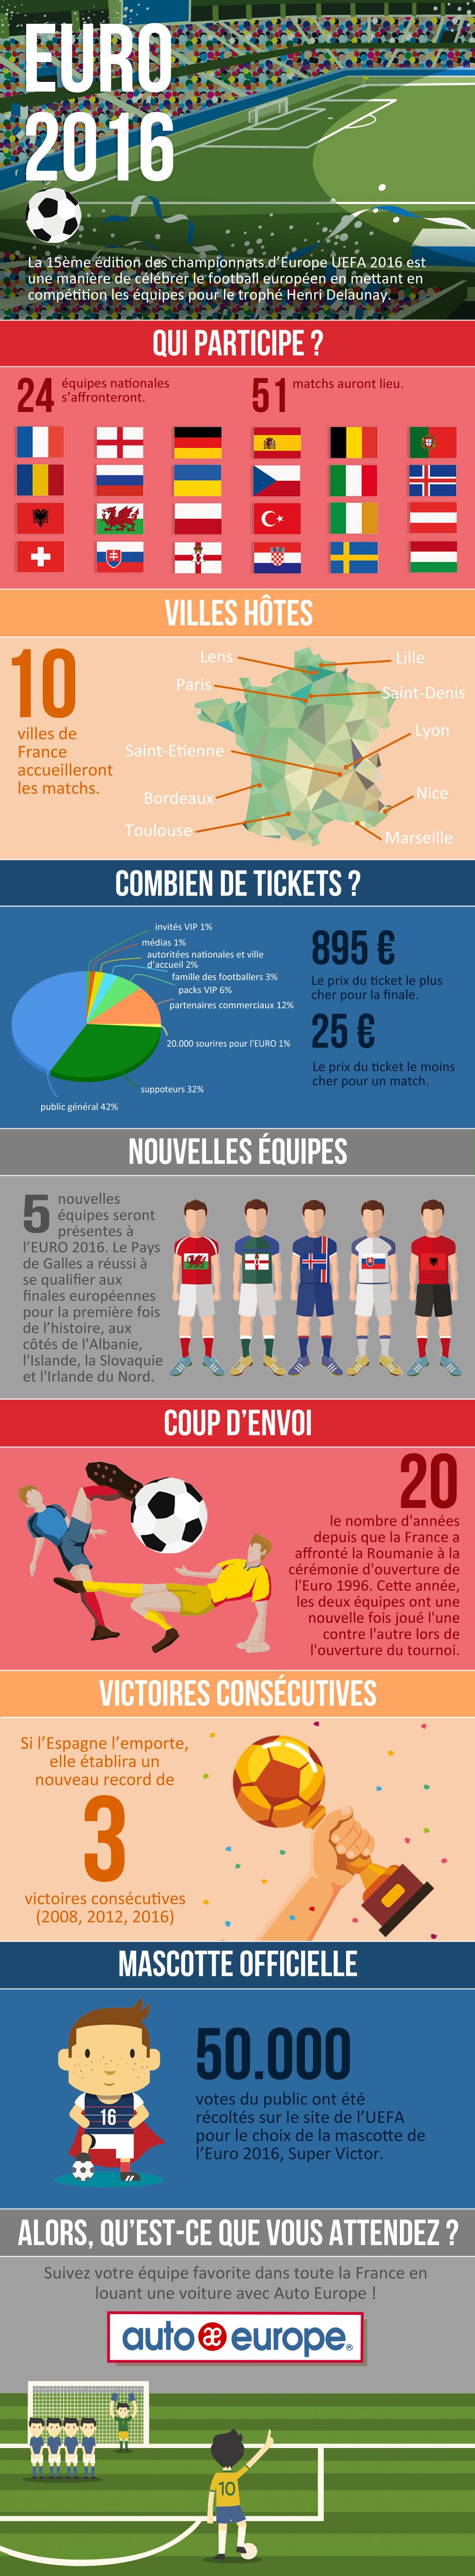 EURO 2016 - Les chiffres clés